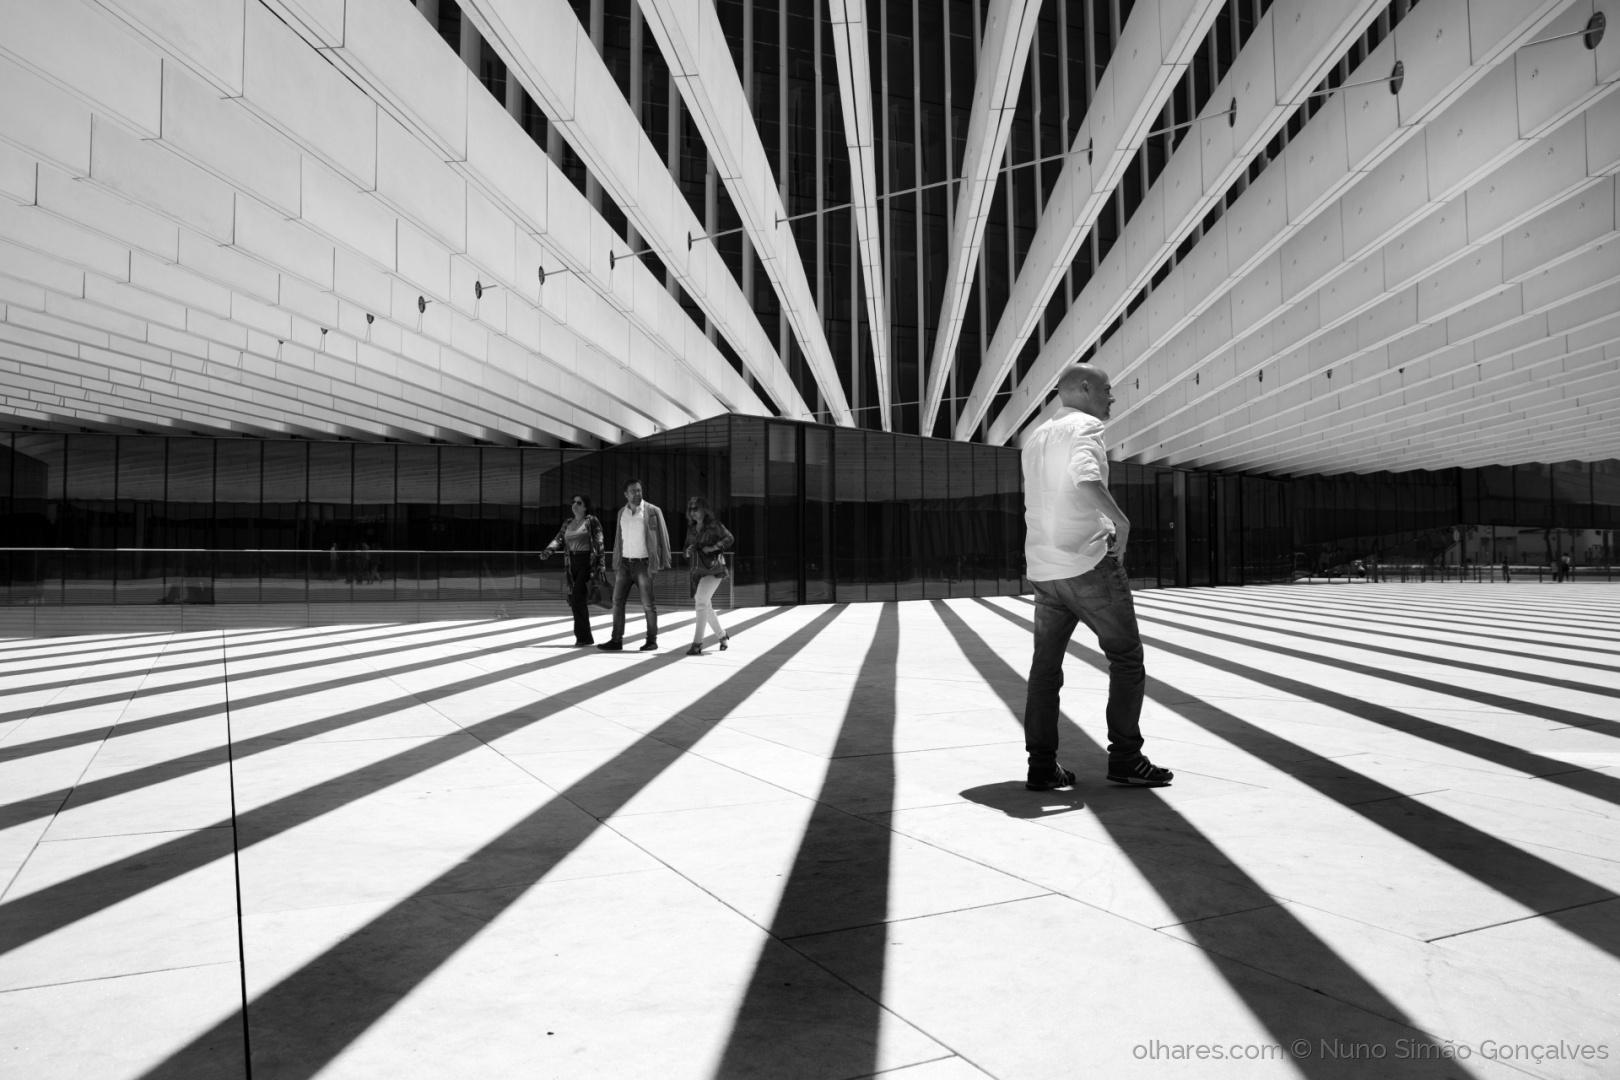 © Nuno Simão Gonçalves - guide lines